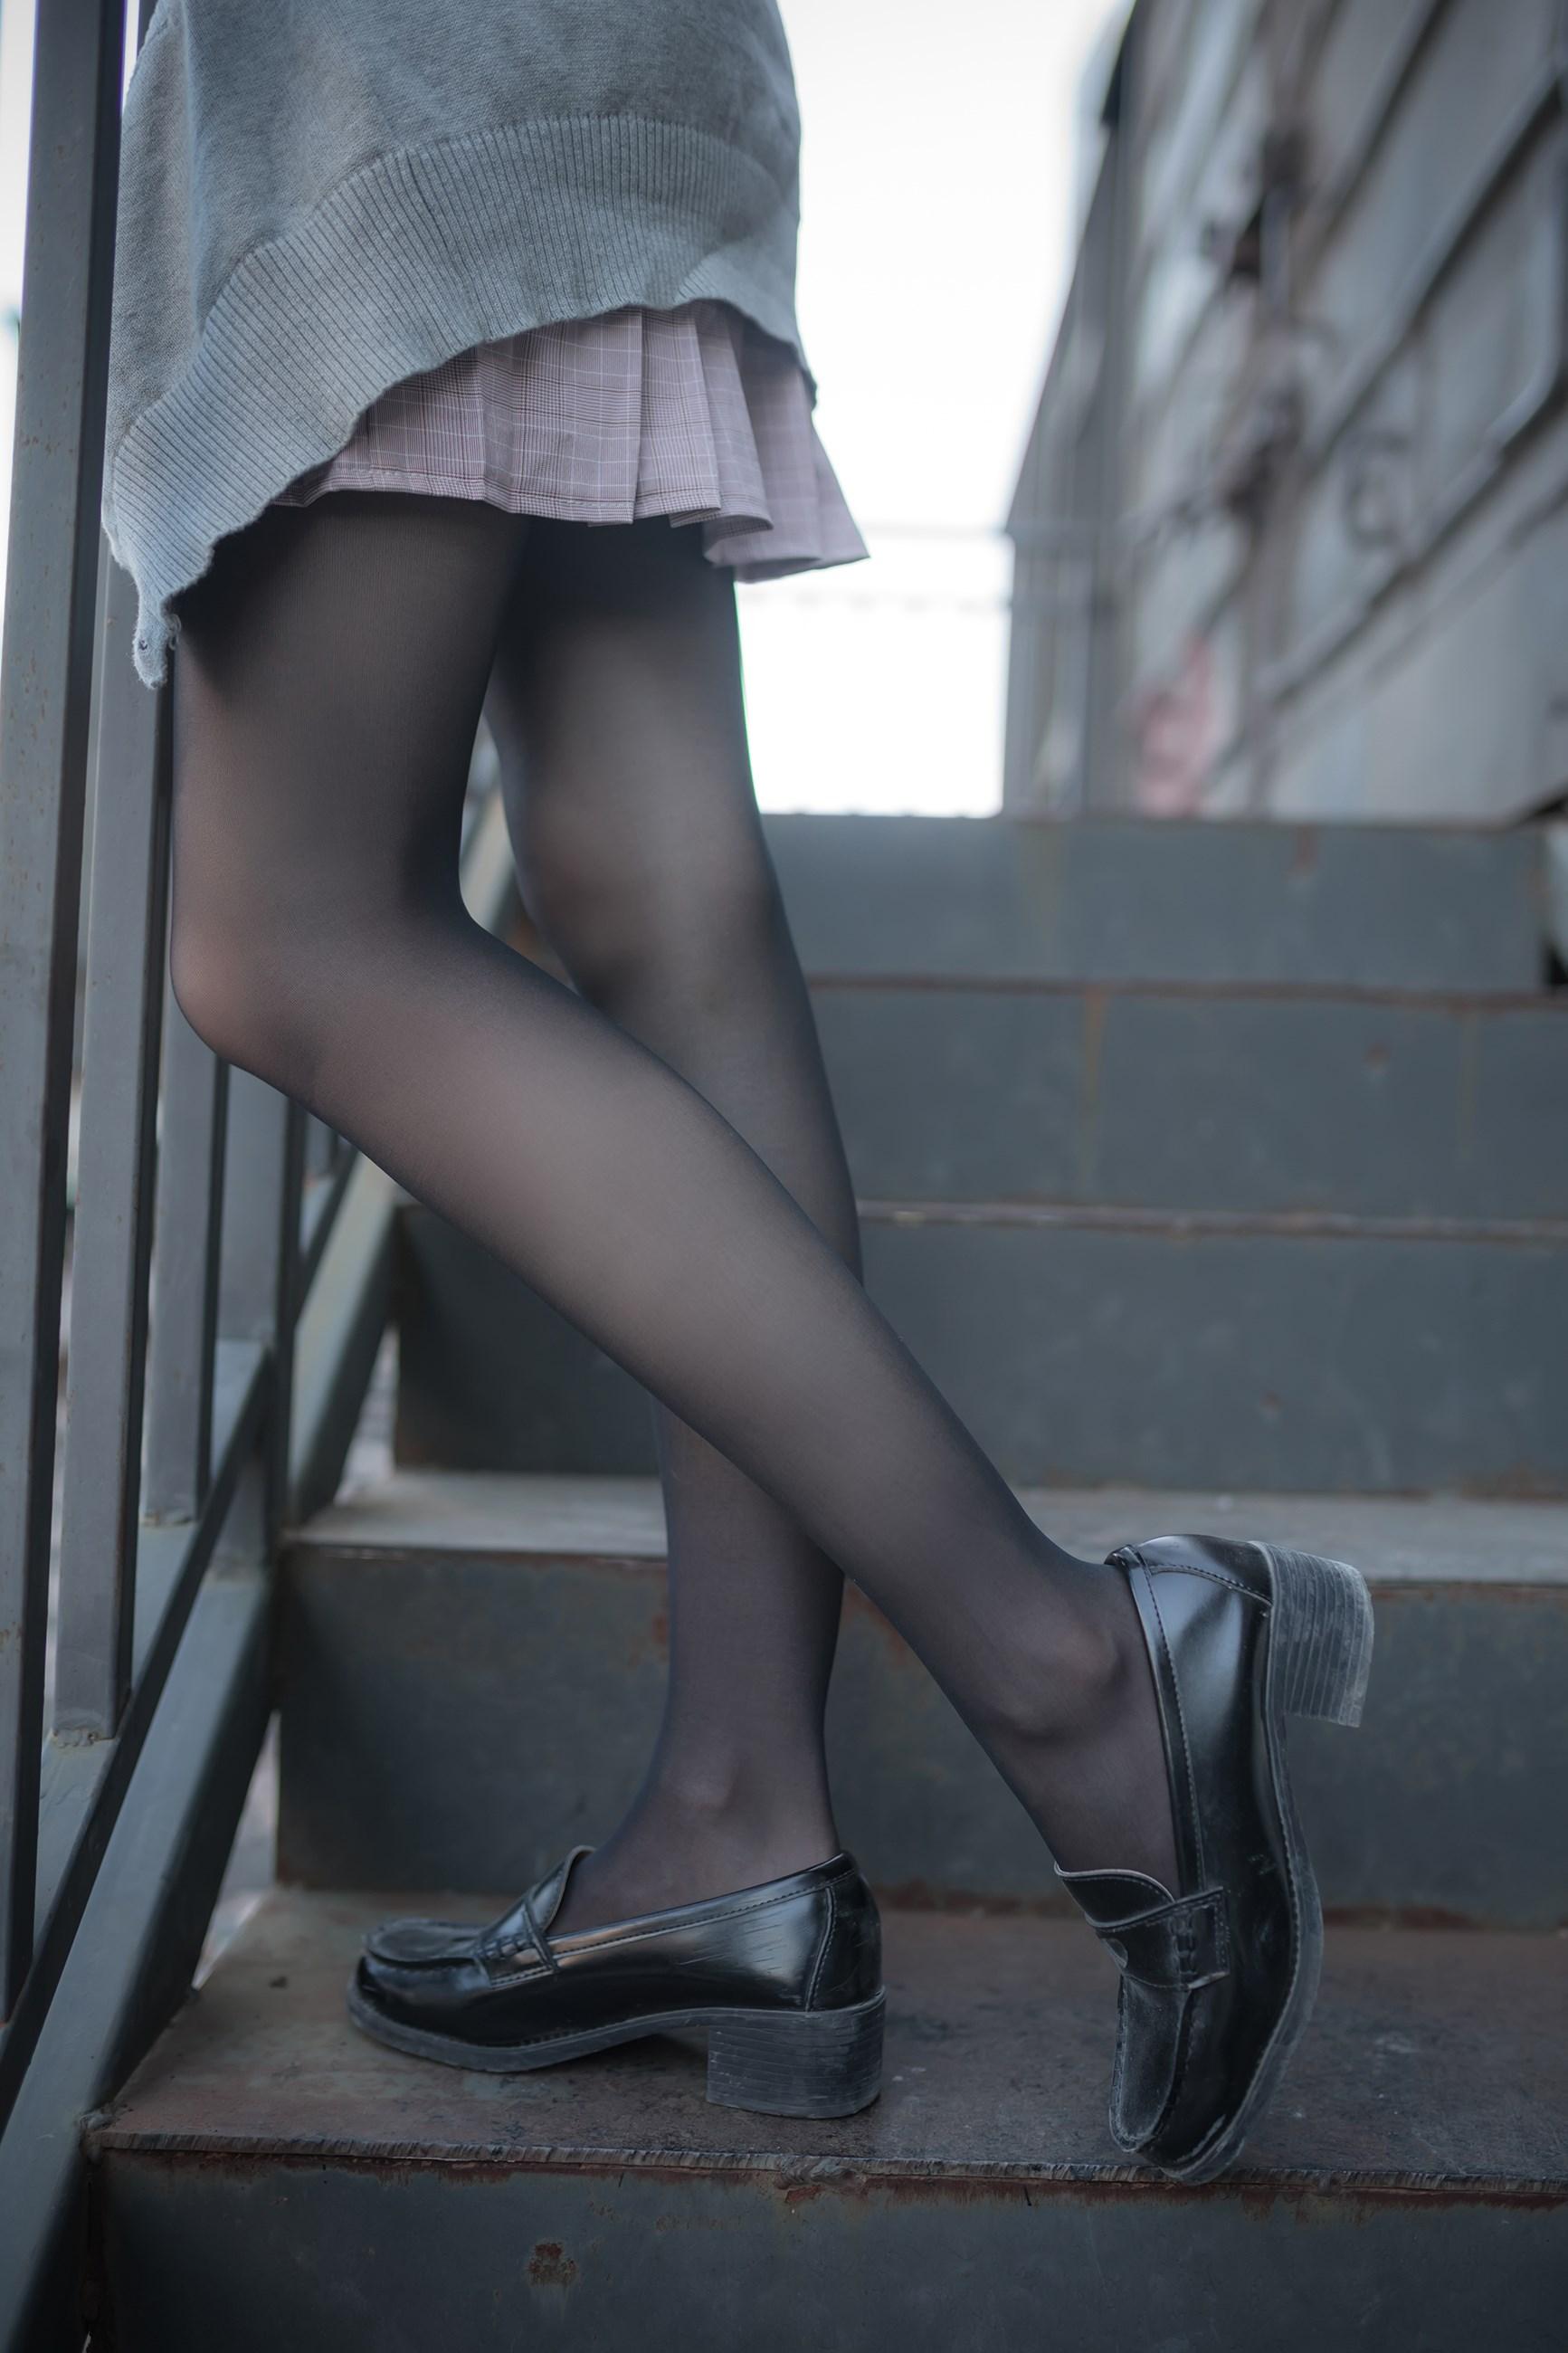 【兔玩映画】铁轨旁的小细腿 兔玩映画 第14张